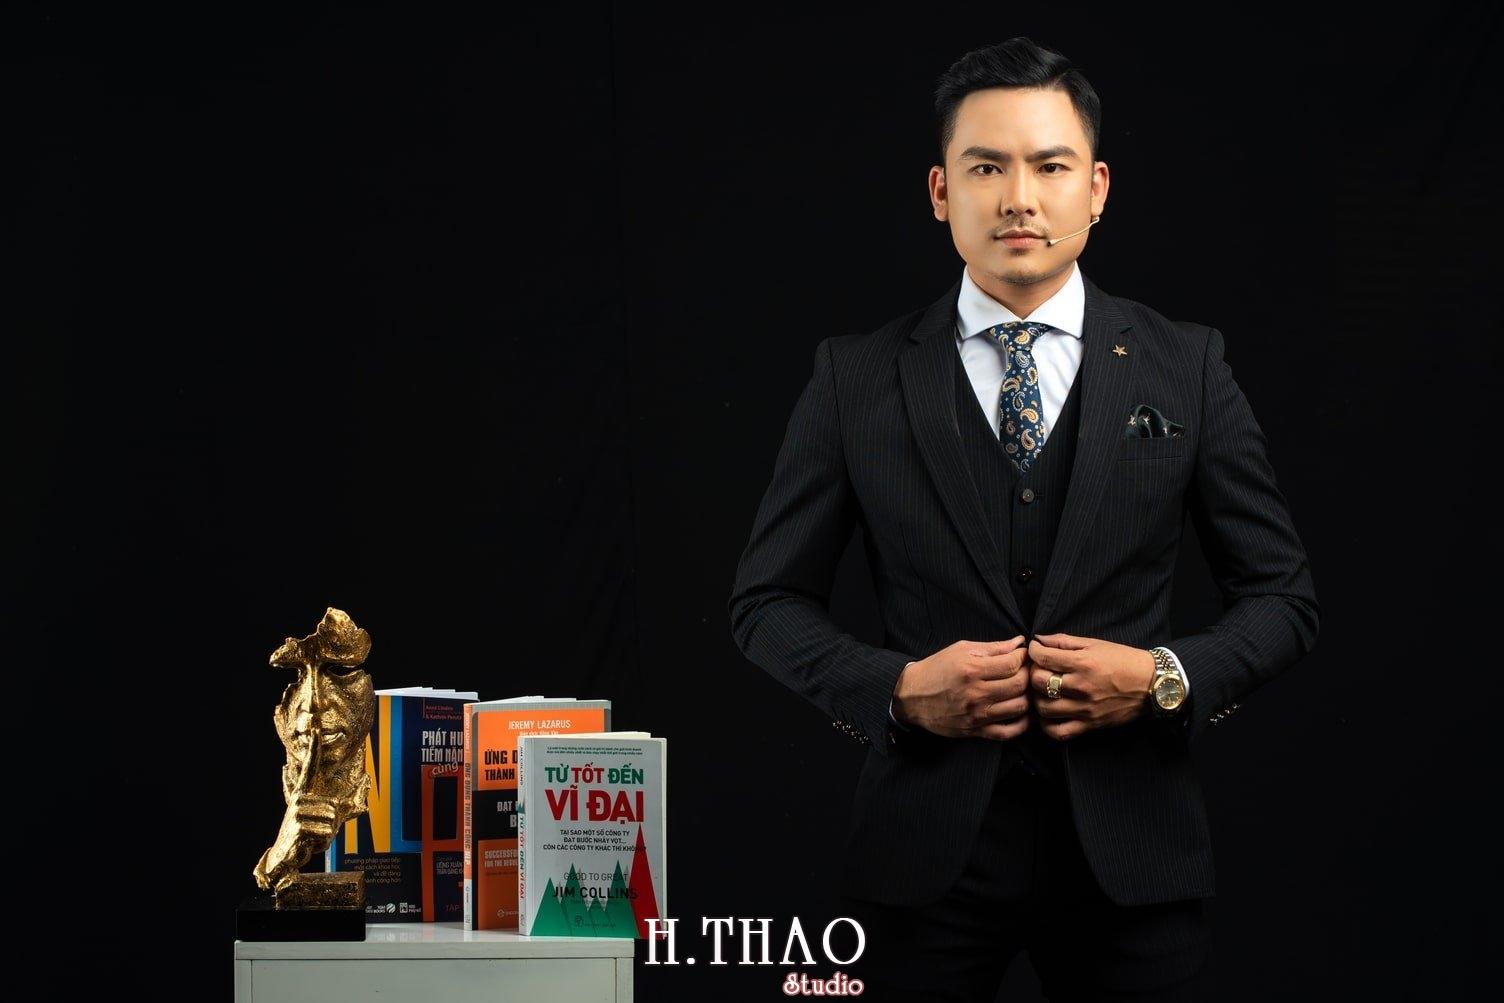 Anh Doanh nhan 34 1 - Báo giá chụp ảnh nghệ thuật tại Tp.HCM